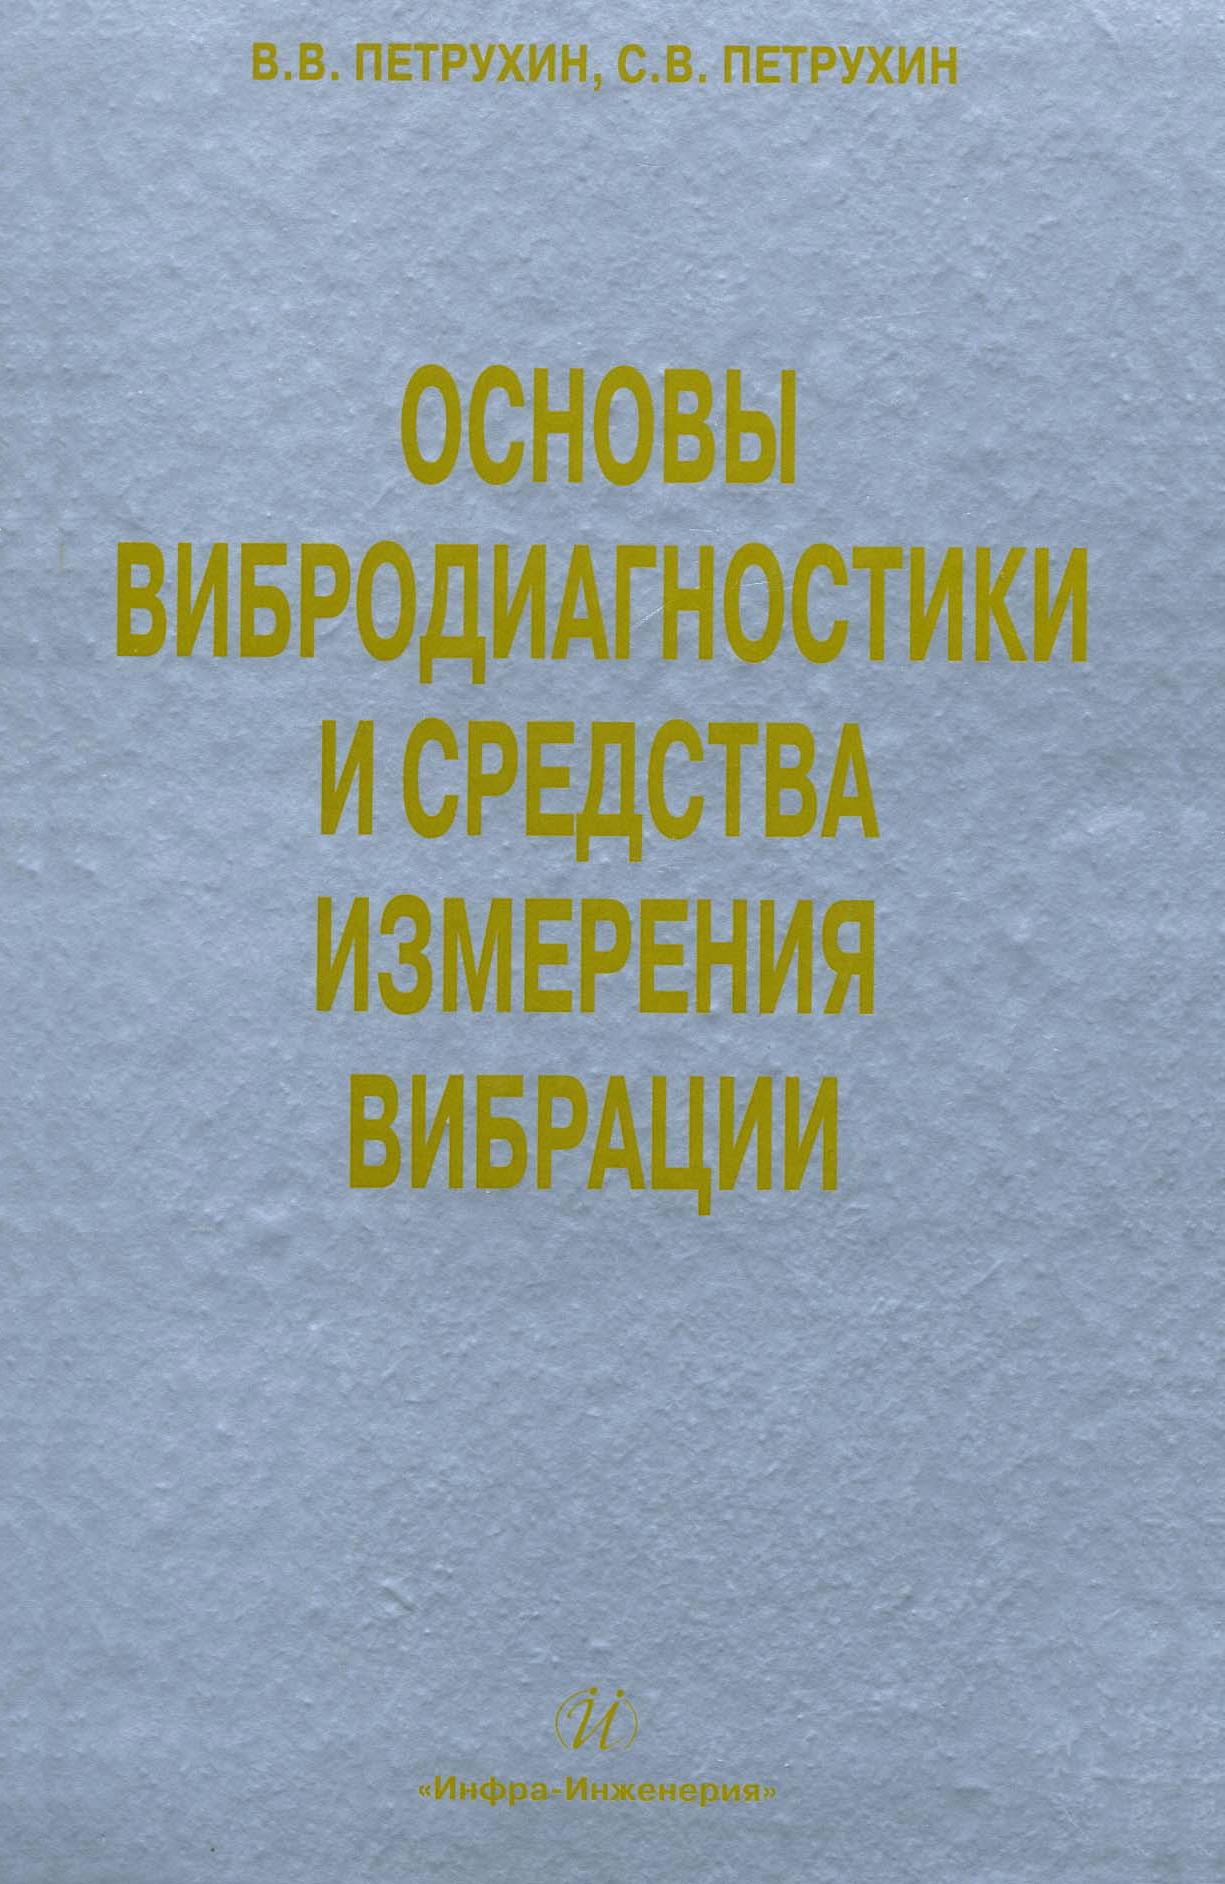 С. В. Петрухин Основы вибродиагностики и средства измерения вибрации